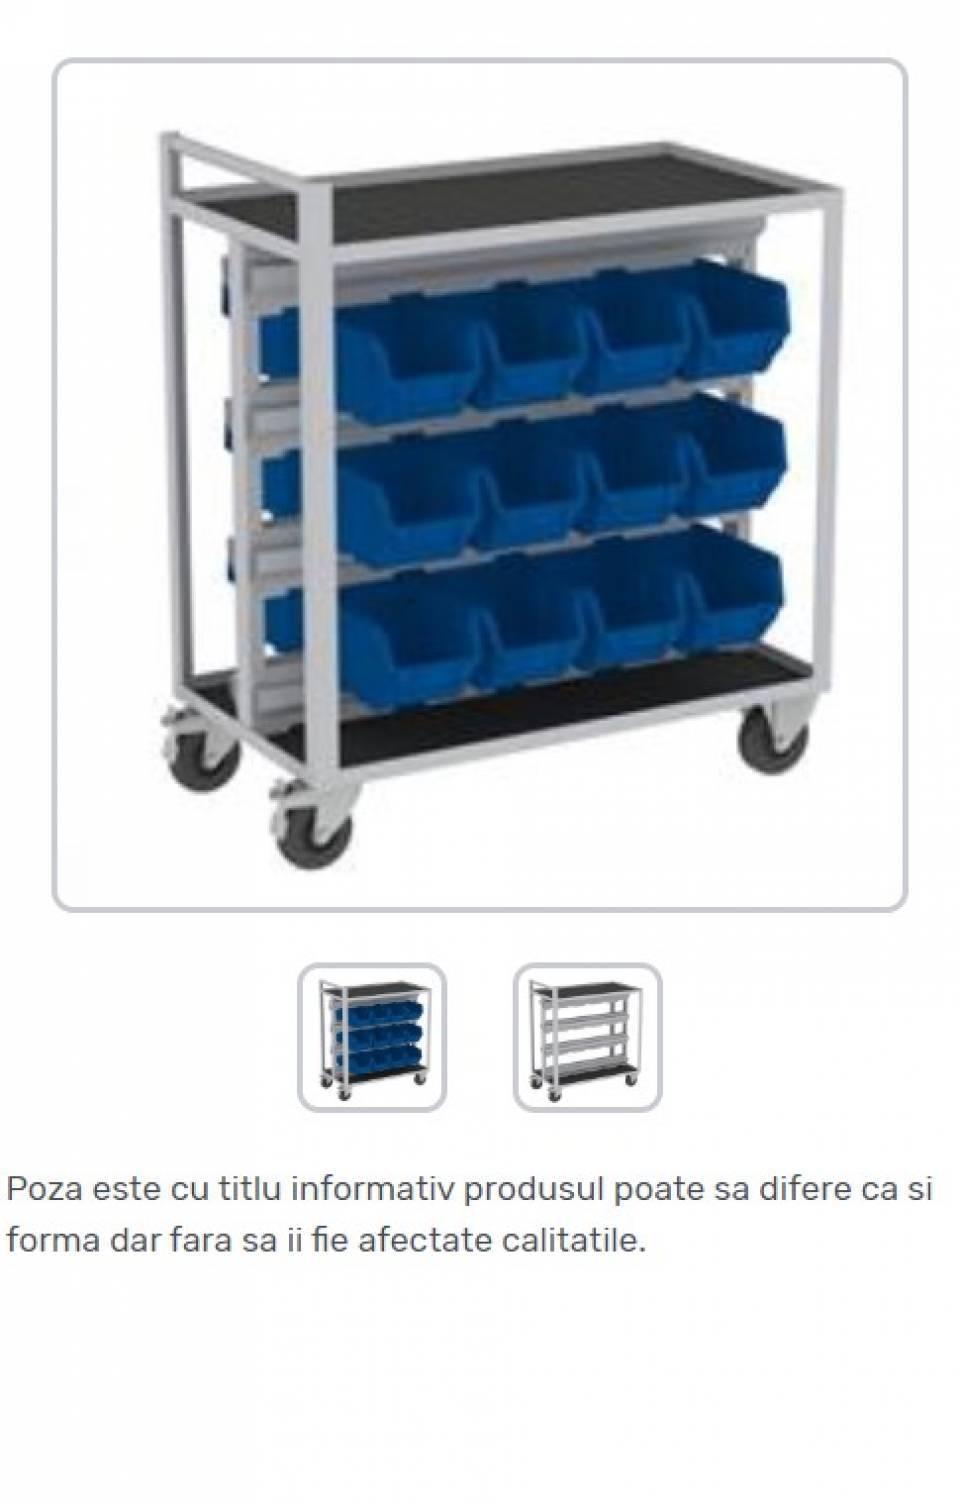 Carucioare pentru organizatoare42159